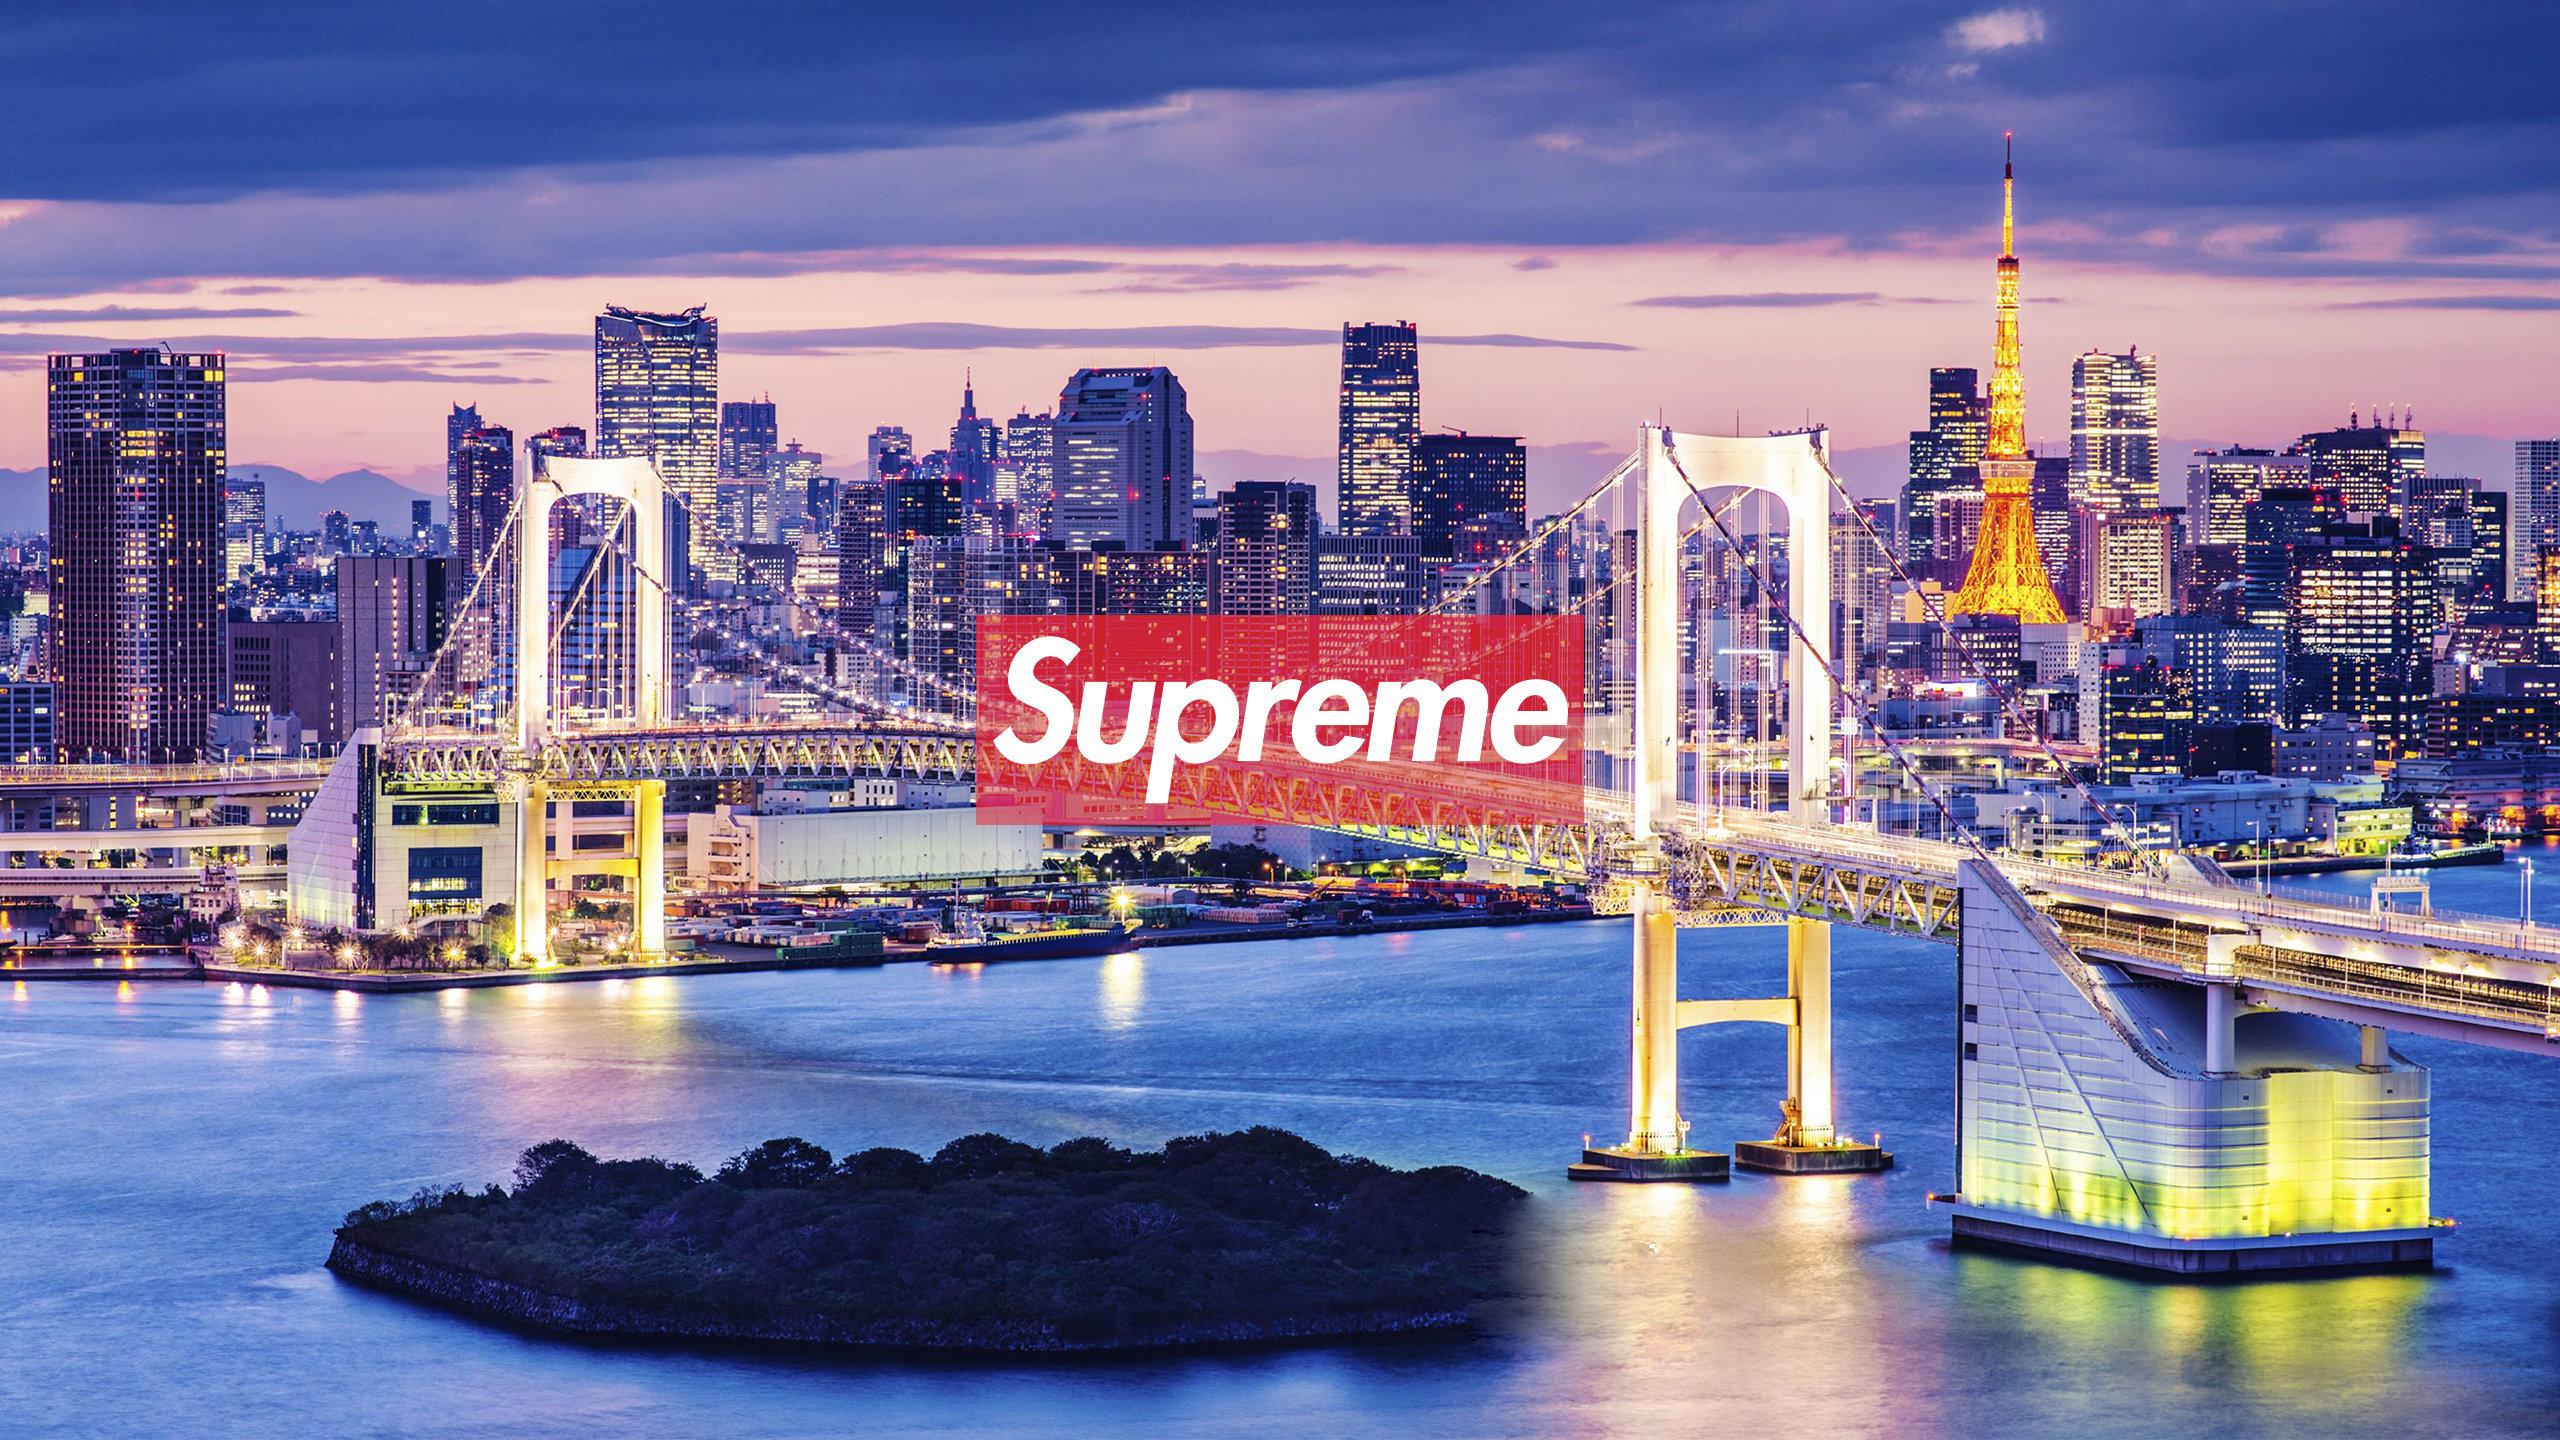 Tokyo Supreme Wallpaper Authenticsupreme Com